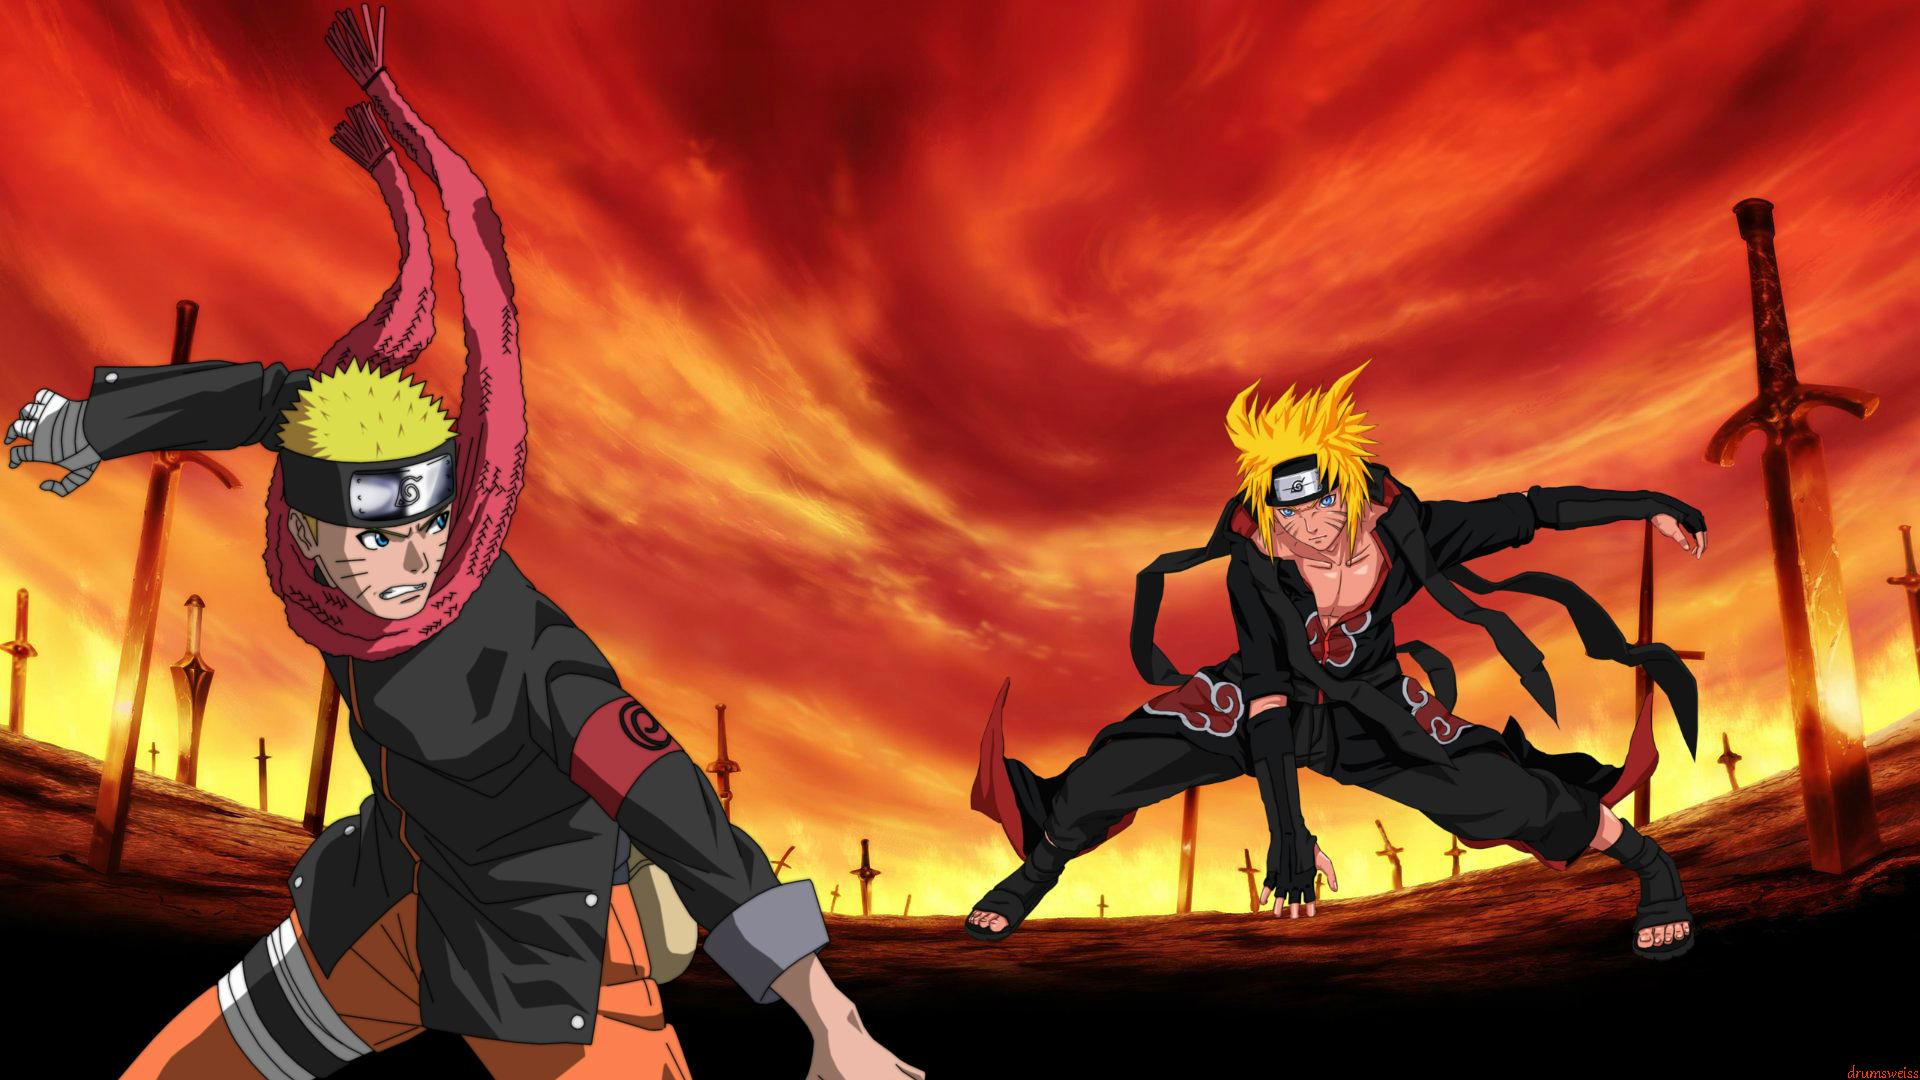 Naruto Vs Akatsuki Naruto Wallpaper By Weissdrum On DeviantArt